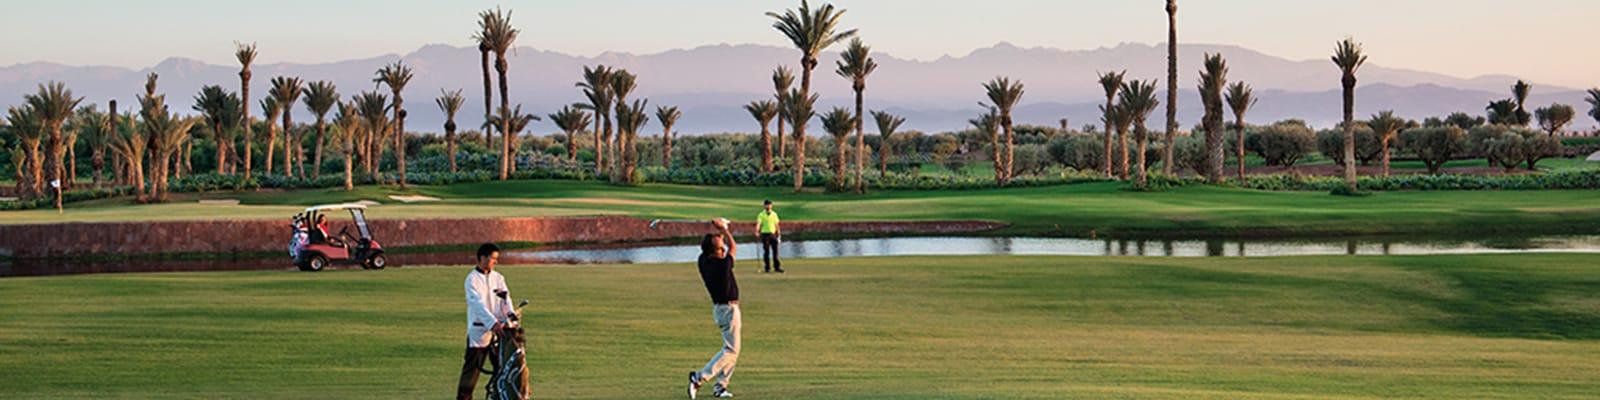 Quels sont les hôtels de luxe sur un golf à Marrakech ?